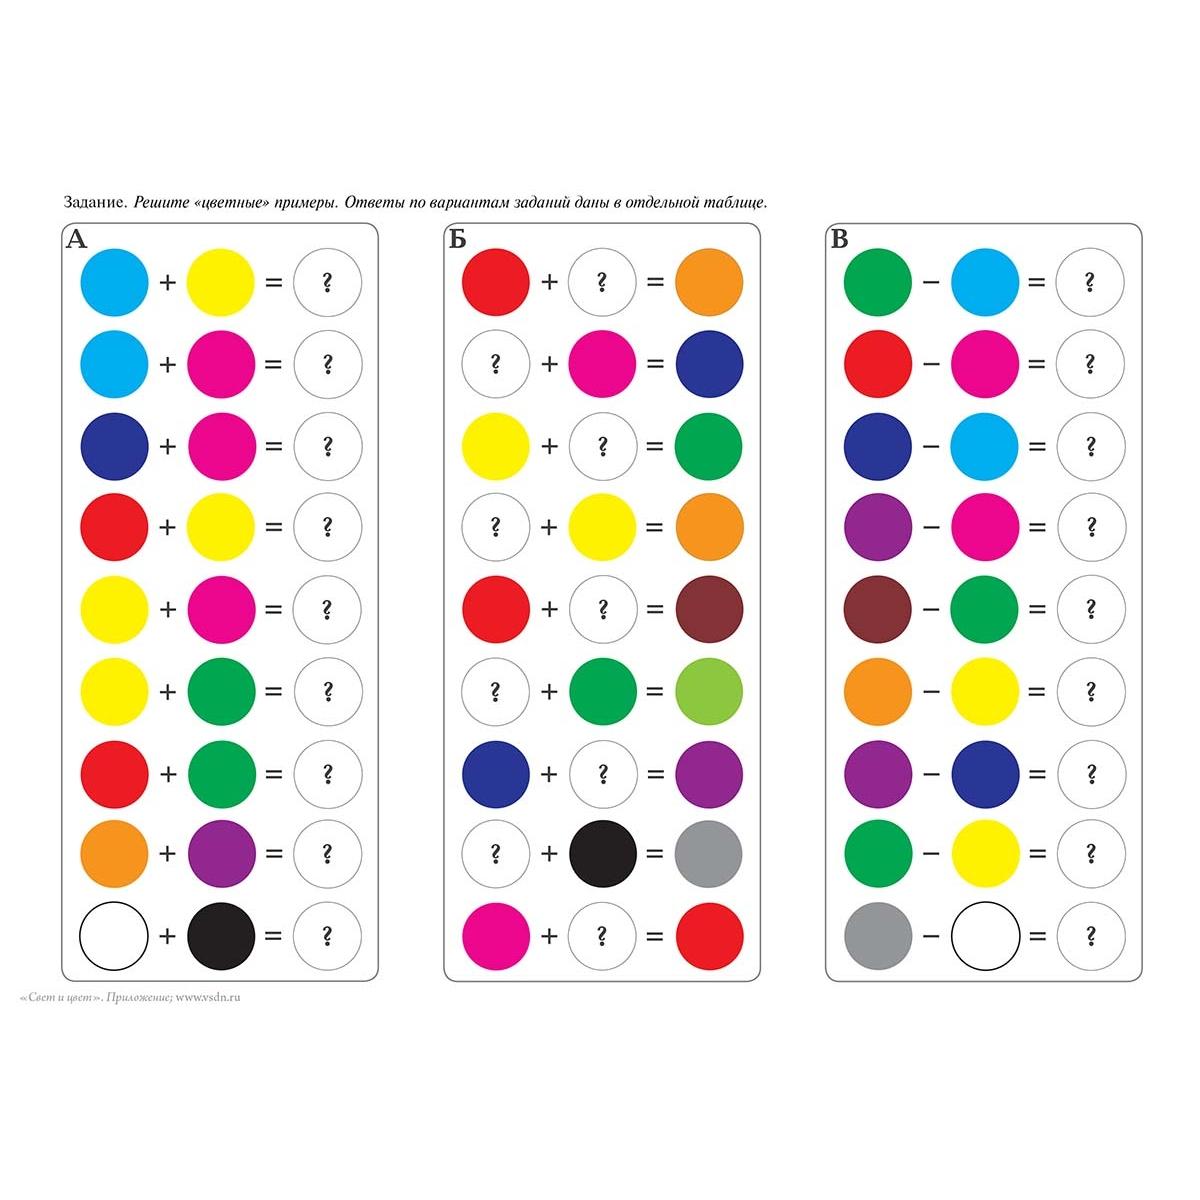 Как сделать рисунки на ногтях акриловыми красками пошагово 703